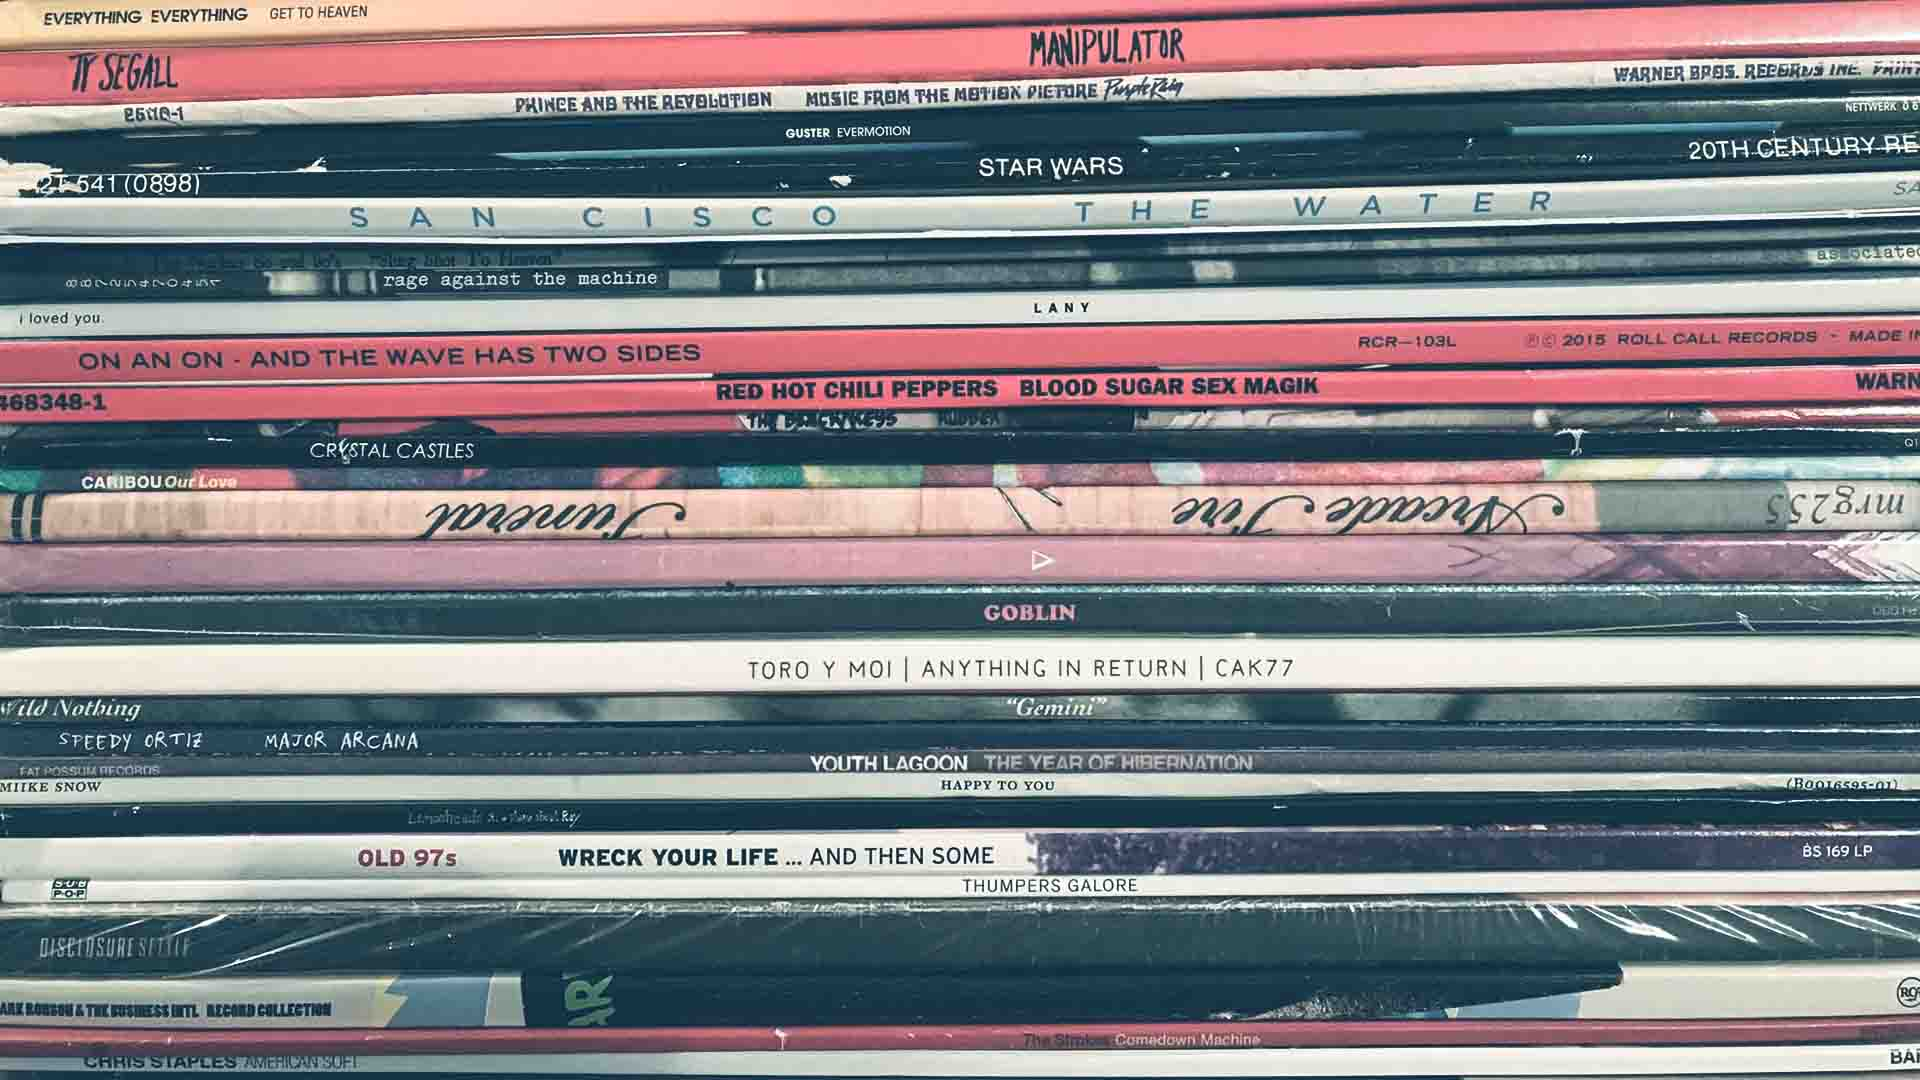 Le copertine dei dischi in vinili conservano ancora un grande fascino